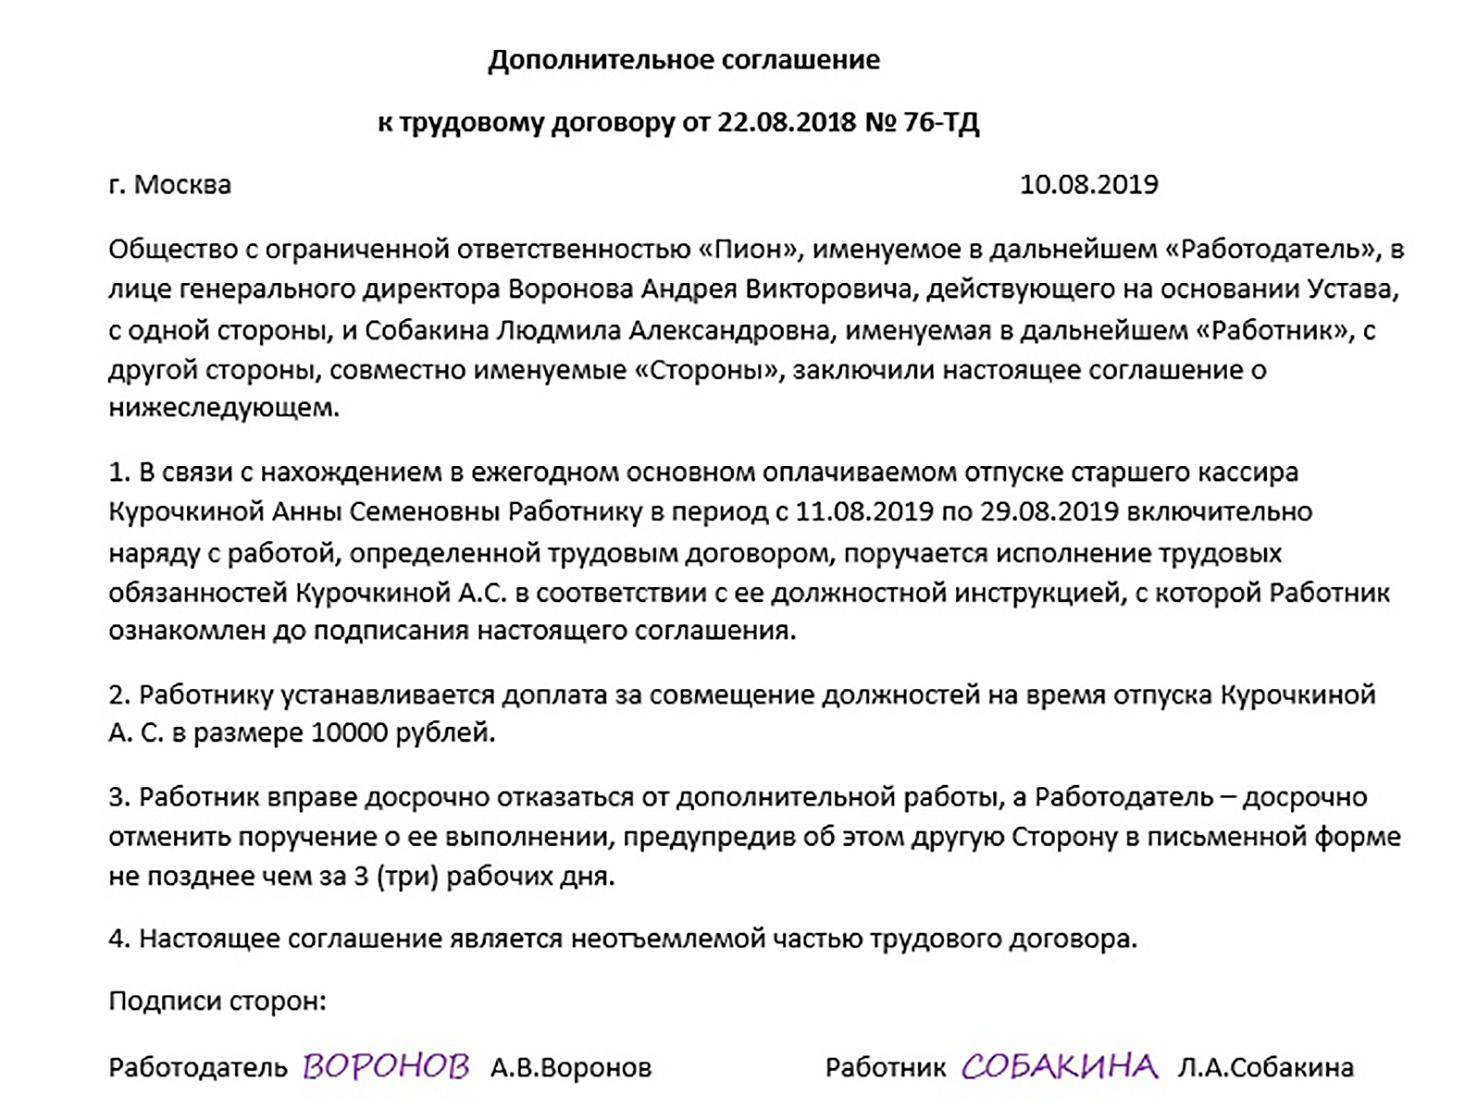 Полсуток в гостинице статья российской едерации